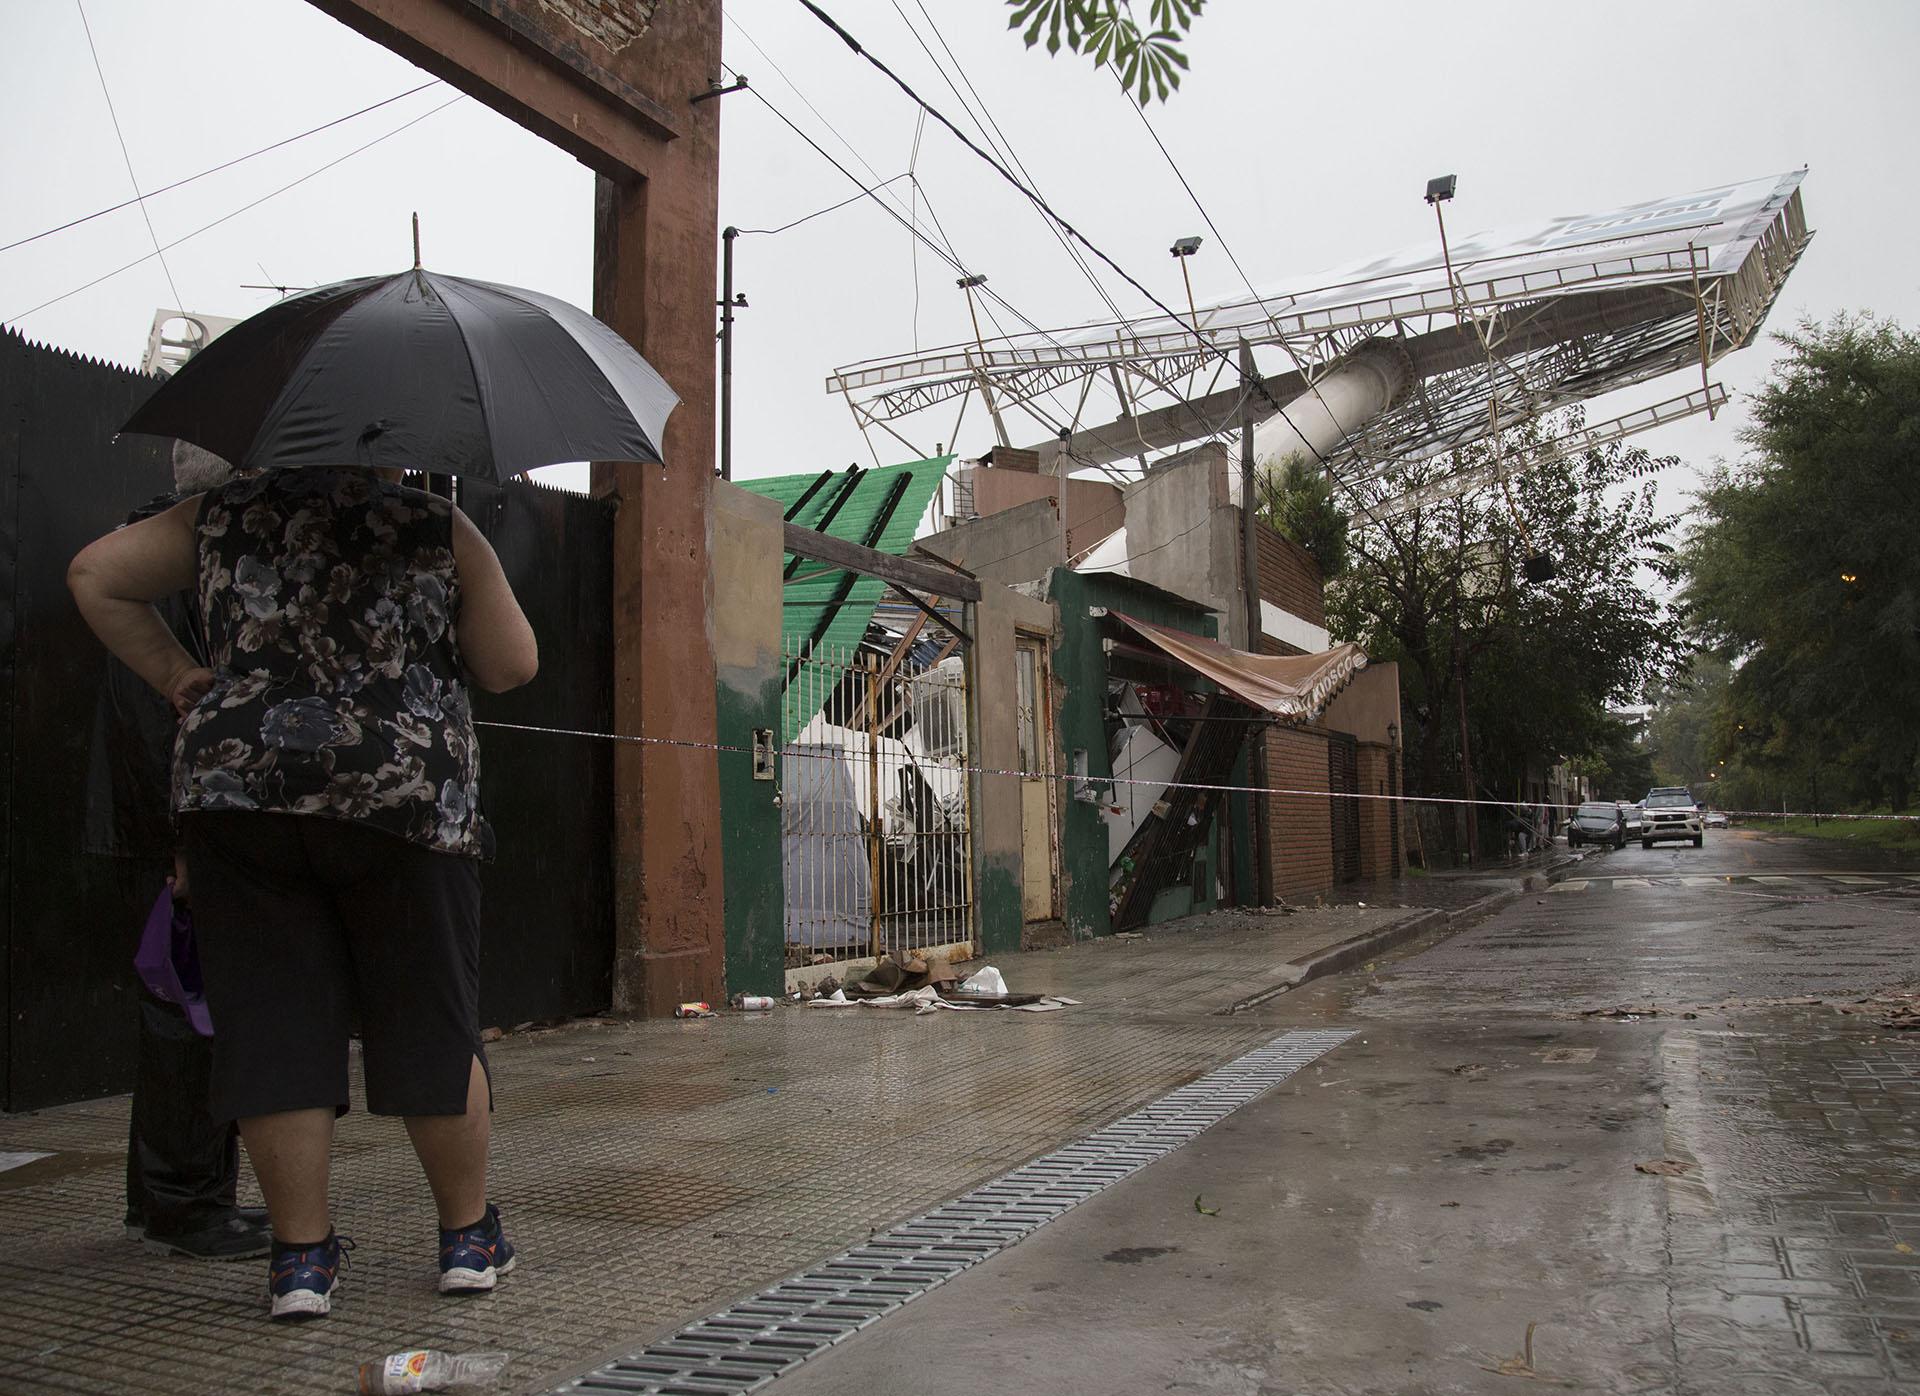 Por los fuertes vientos, en la avenida General Paz se cayó un cartel publicitario